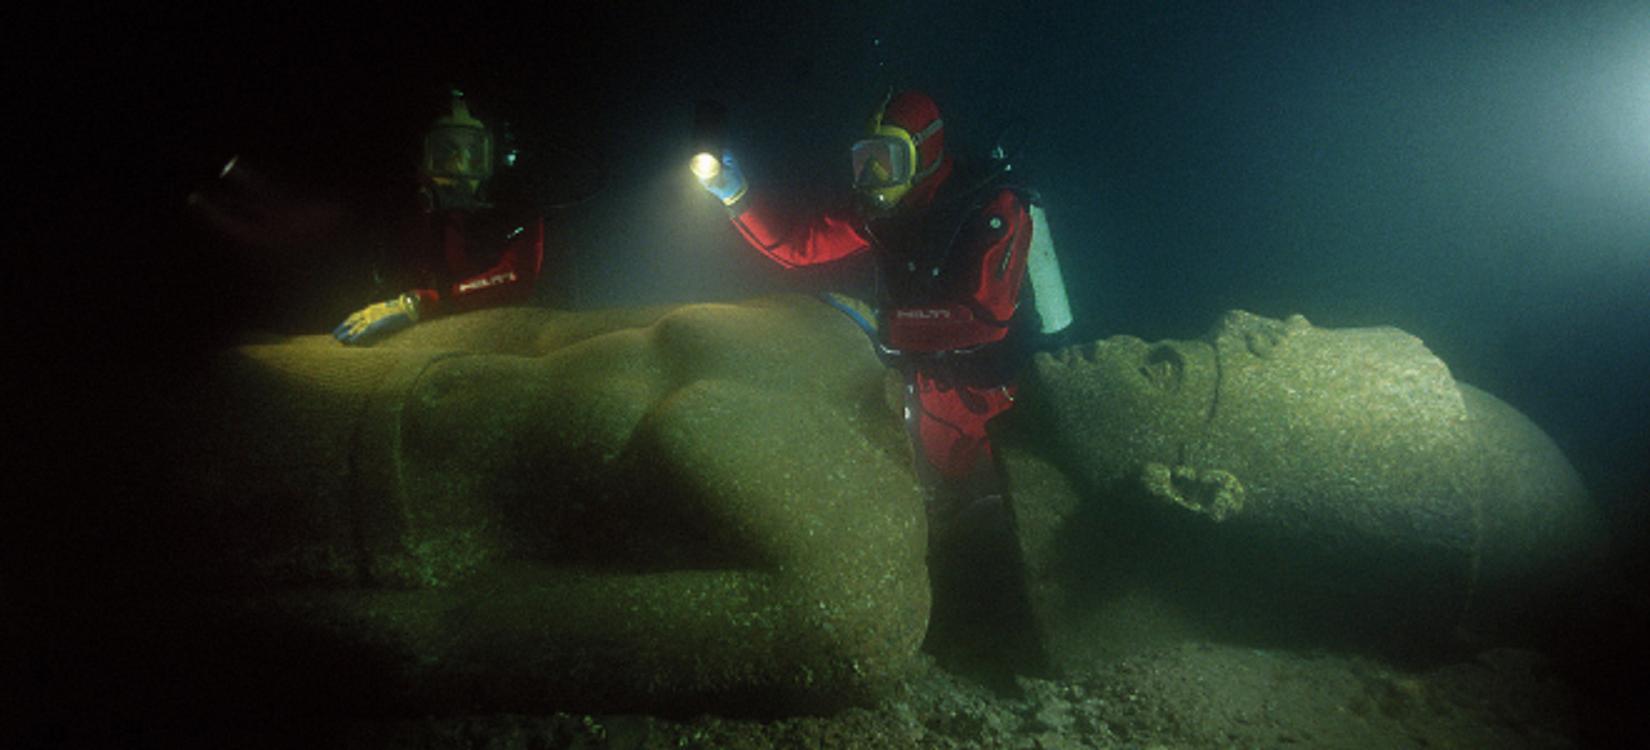 Ὁ κοινὸς τόπος Ἑλλάδος Αἰγύπτου.1